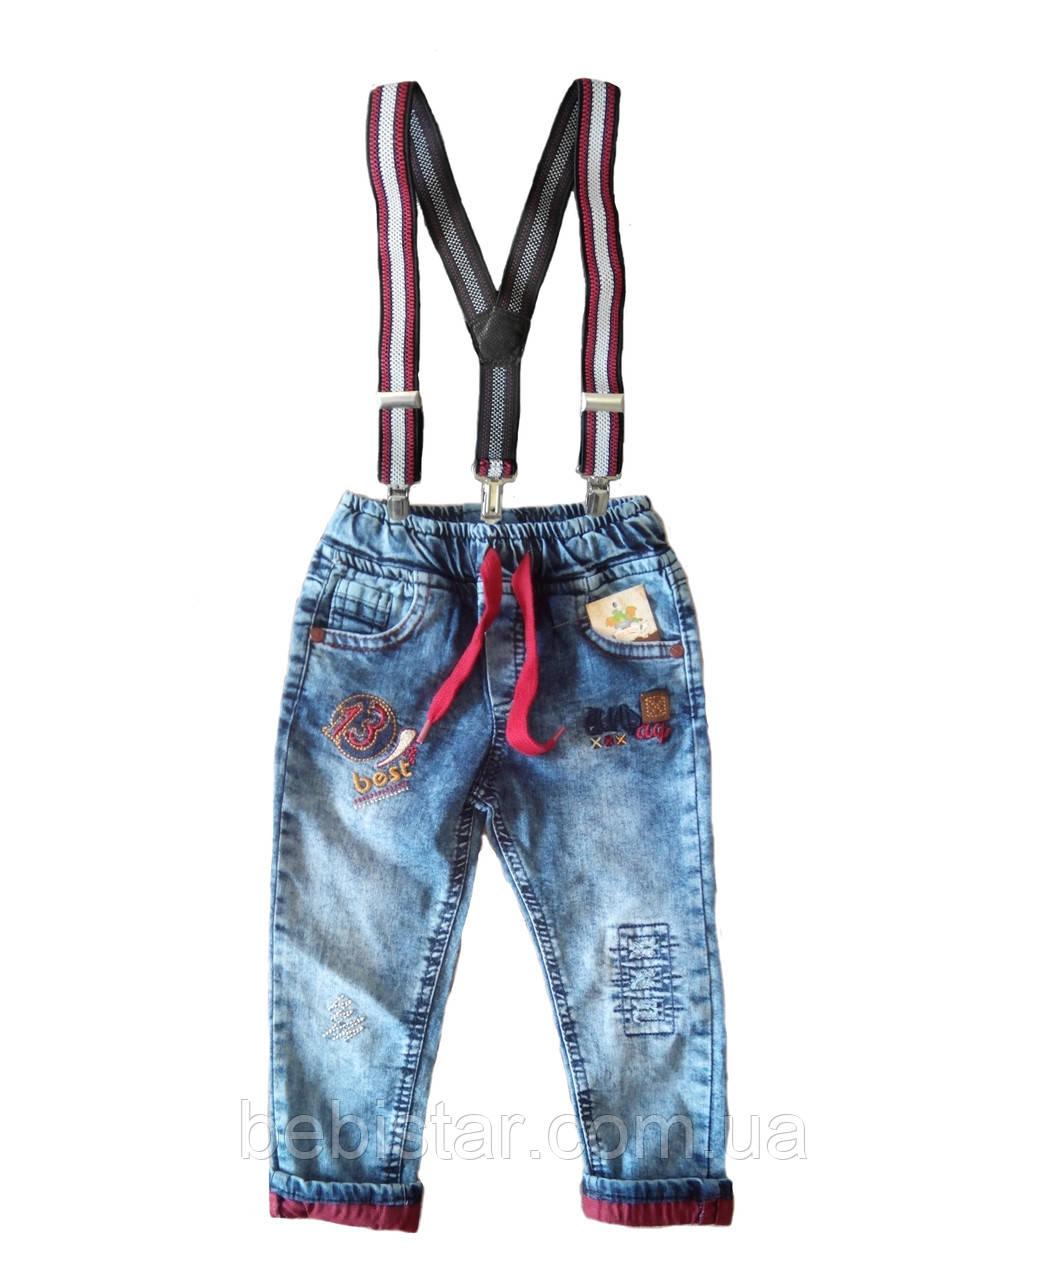 Модные джинсы на подтяжках бордовый манжет для мальчика 1-4 года